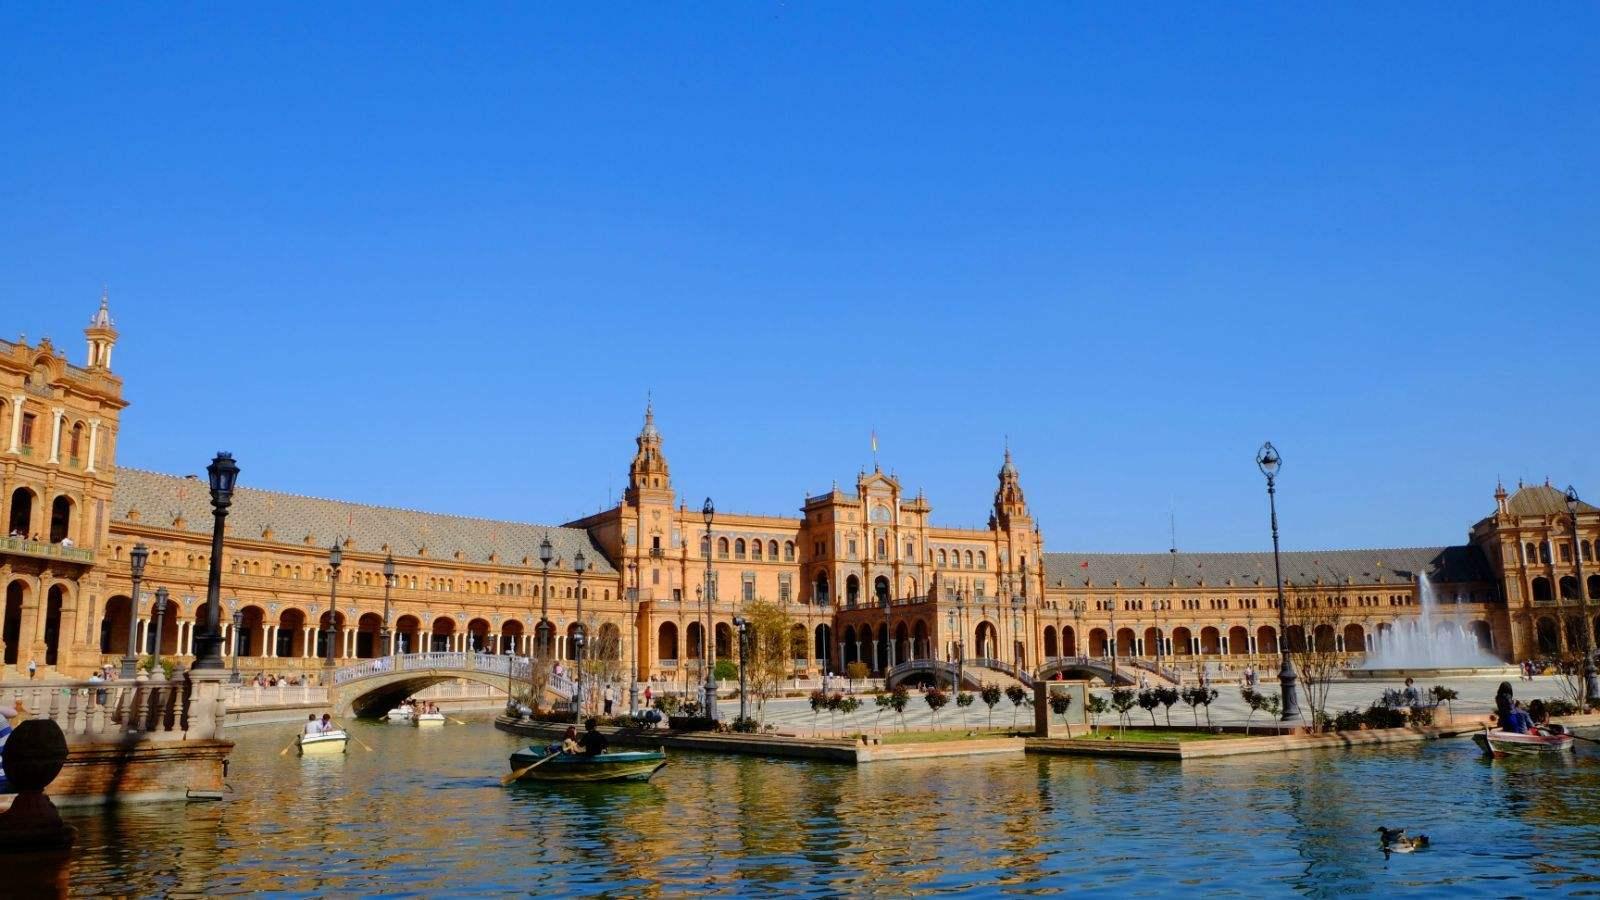 受企业并购与西班牙政治情势影响 欧股收平